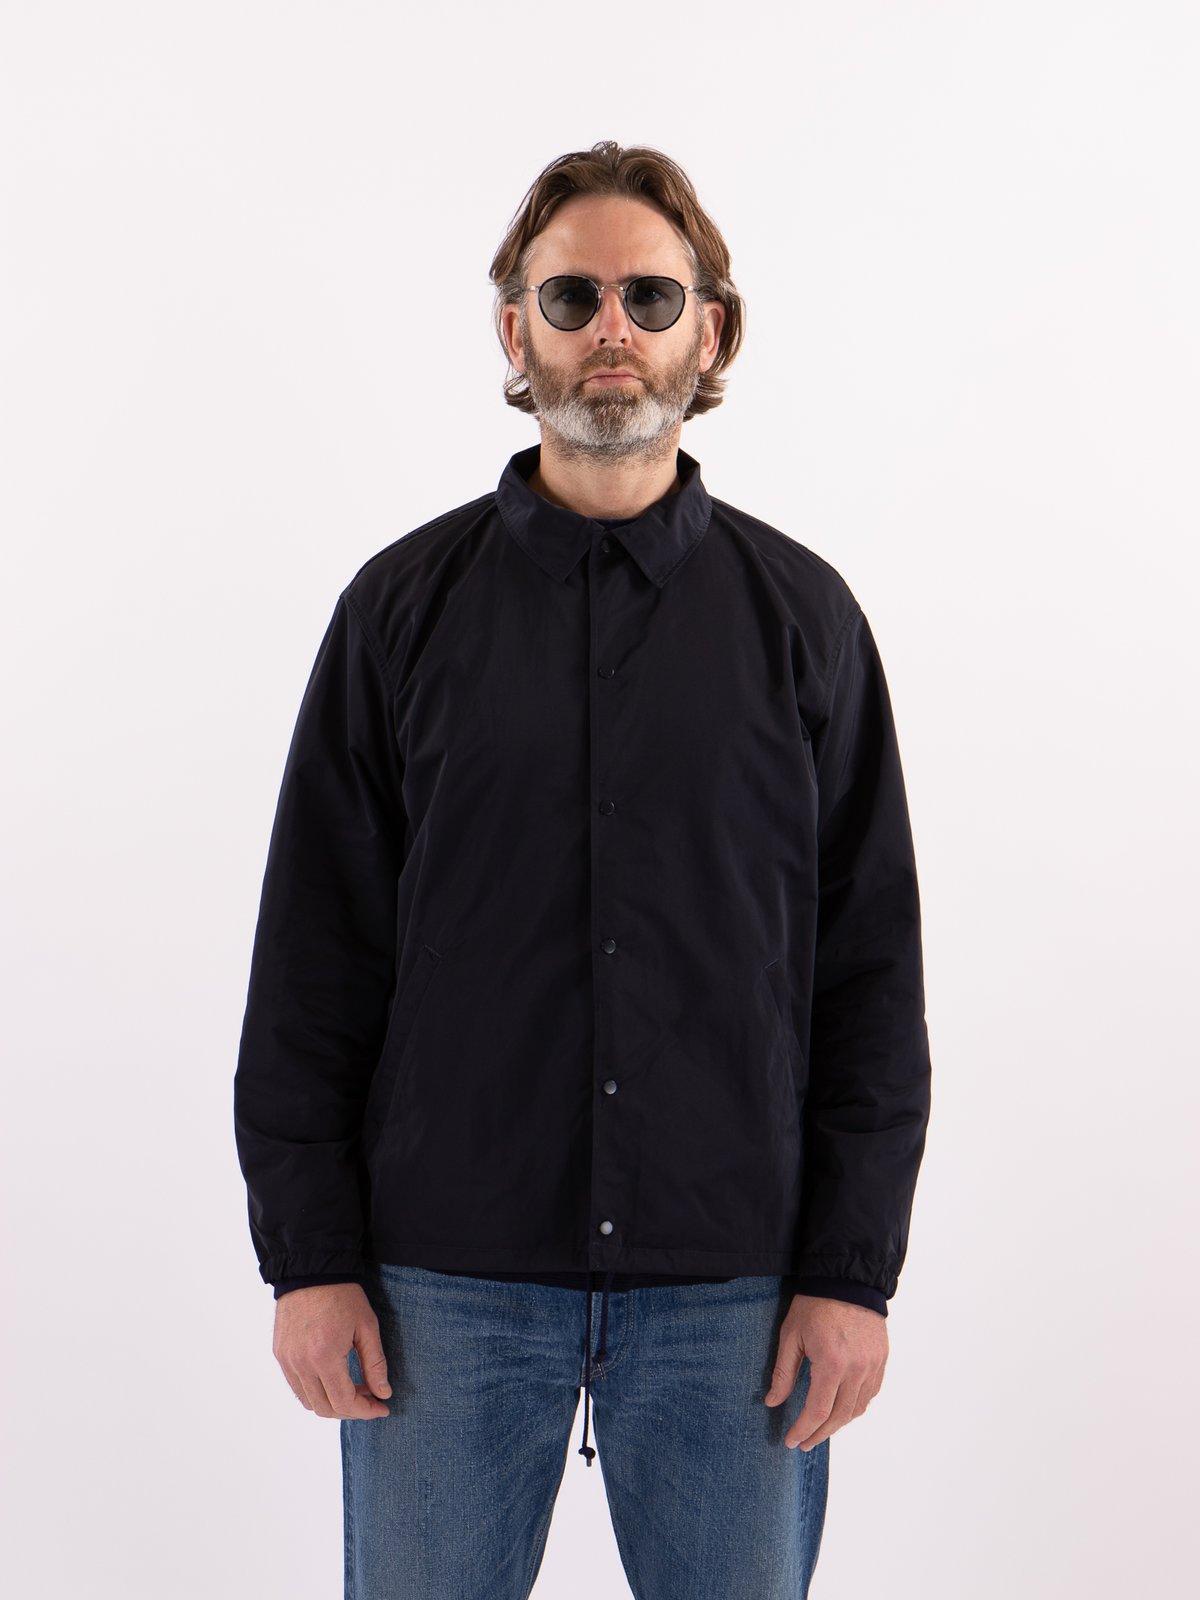 Navy Coach Jacket - Image 2